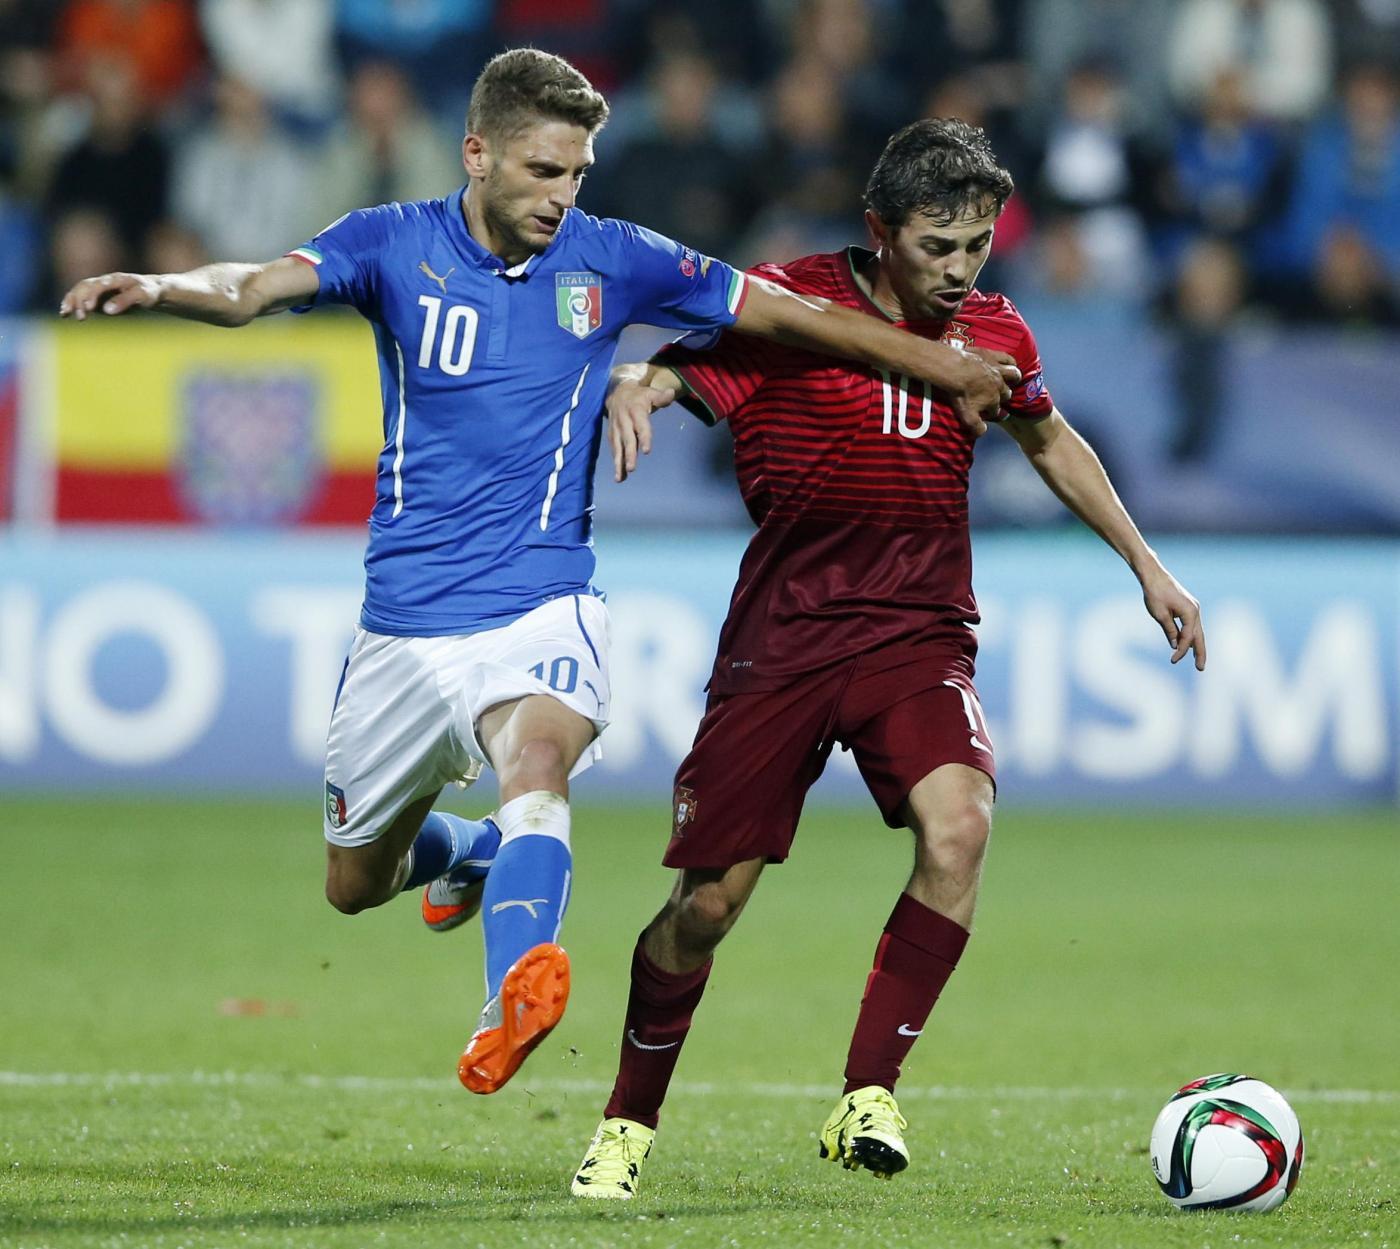 Europei Under 21, Inghilterra-Italia: le formazioni ufficiali